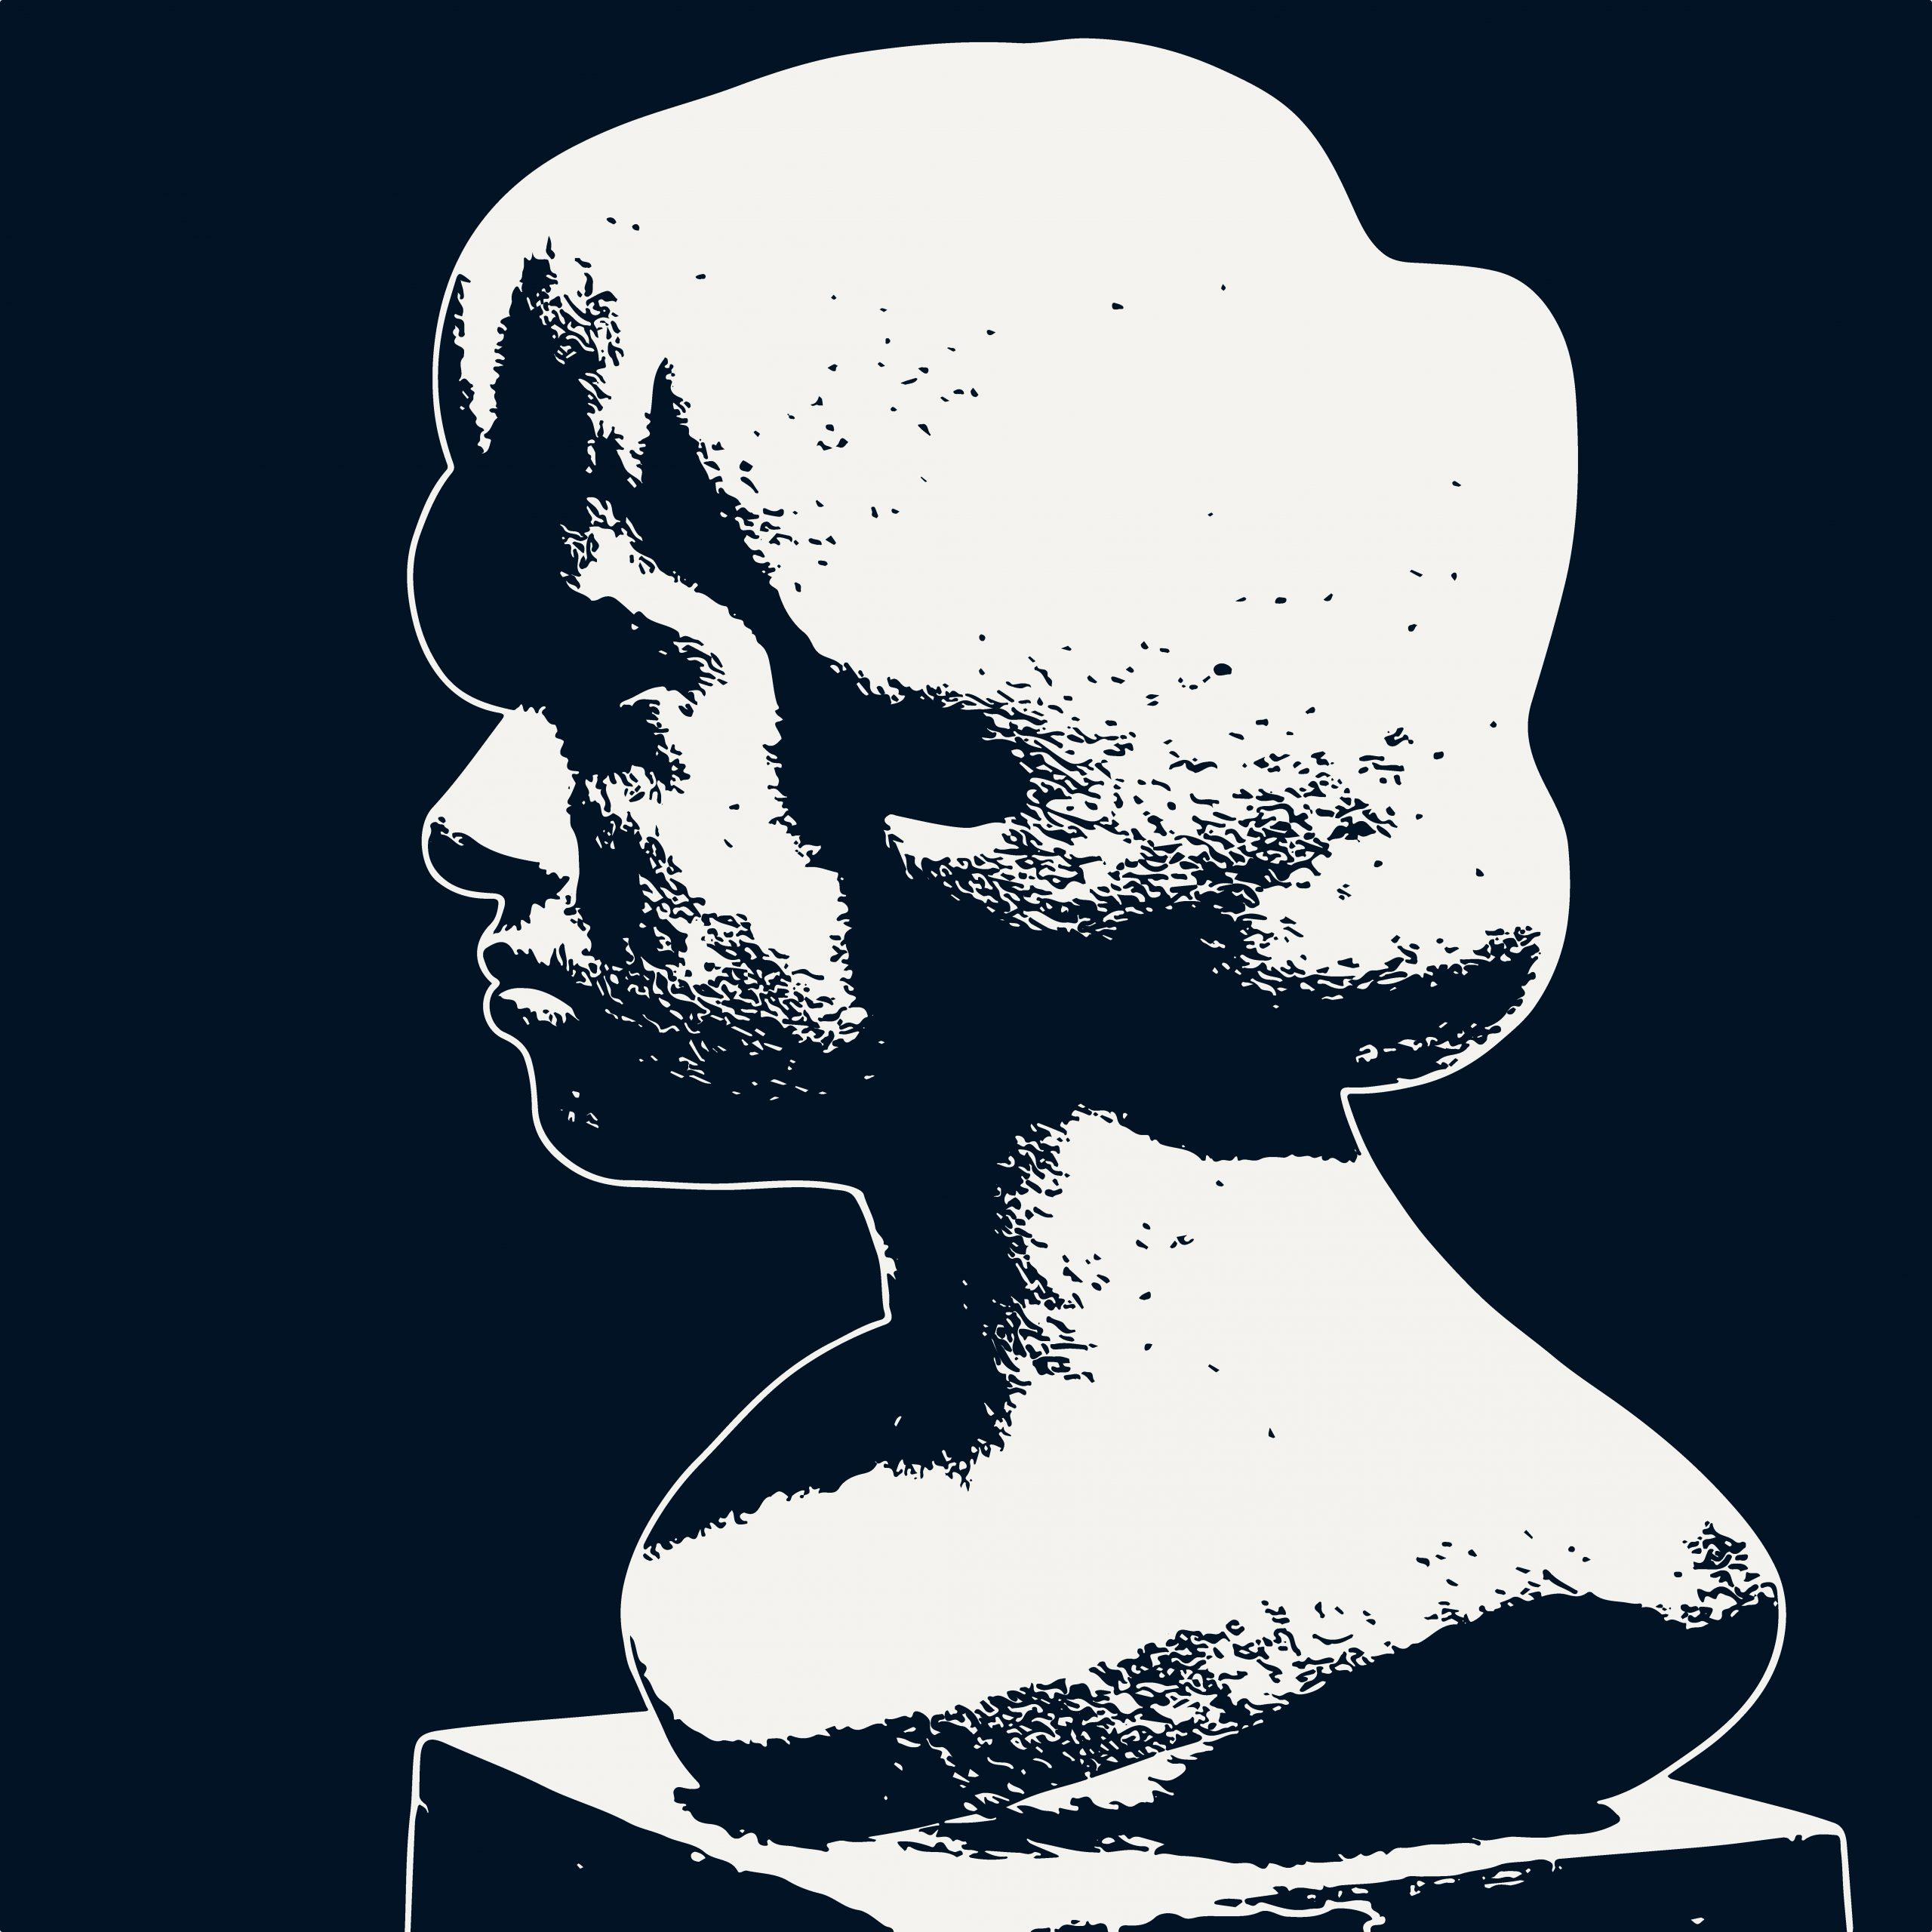 Human sculpture illustration